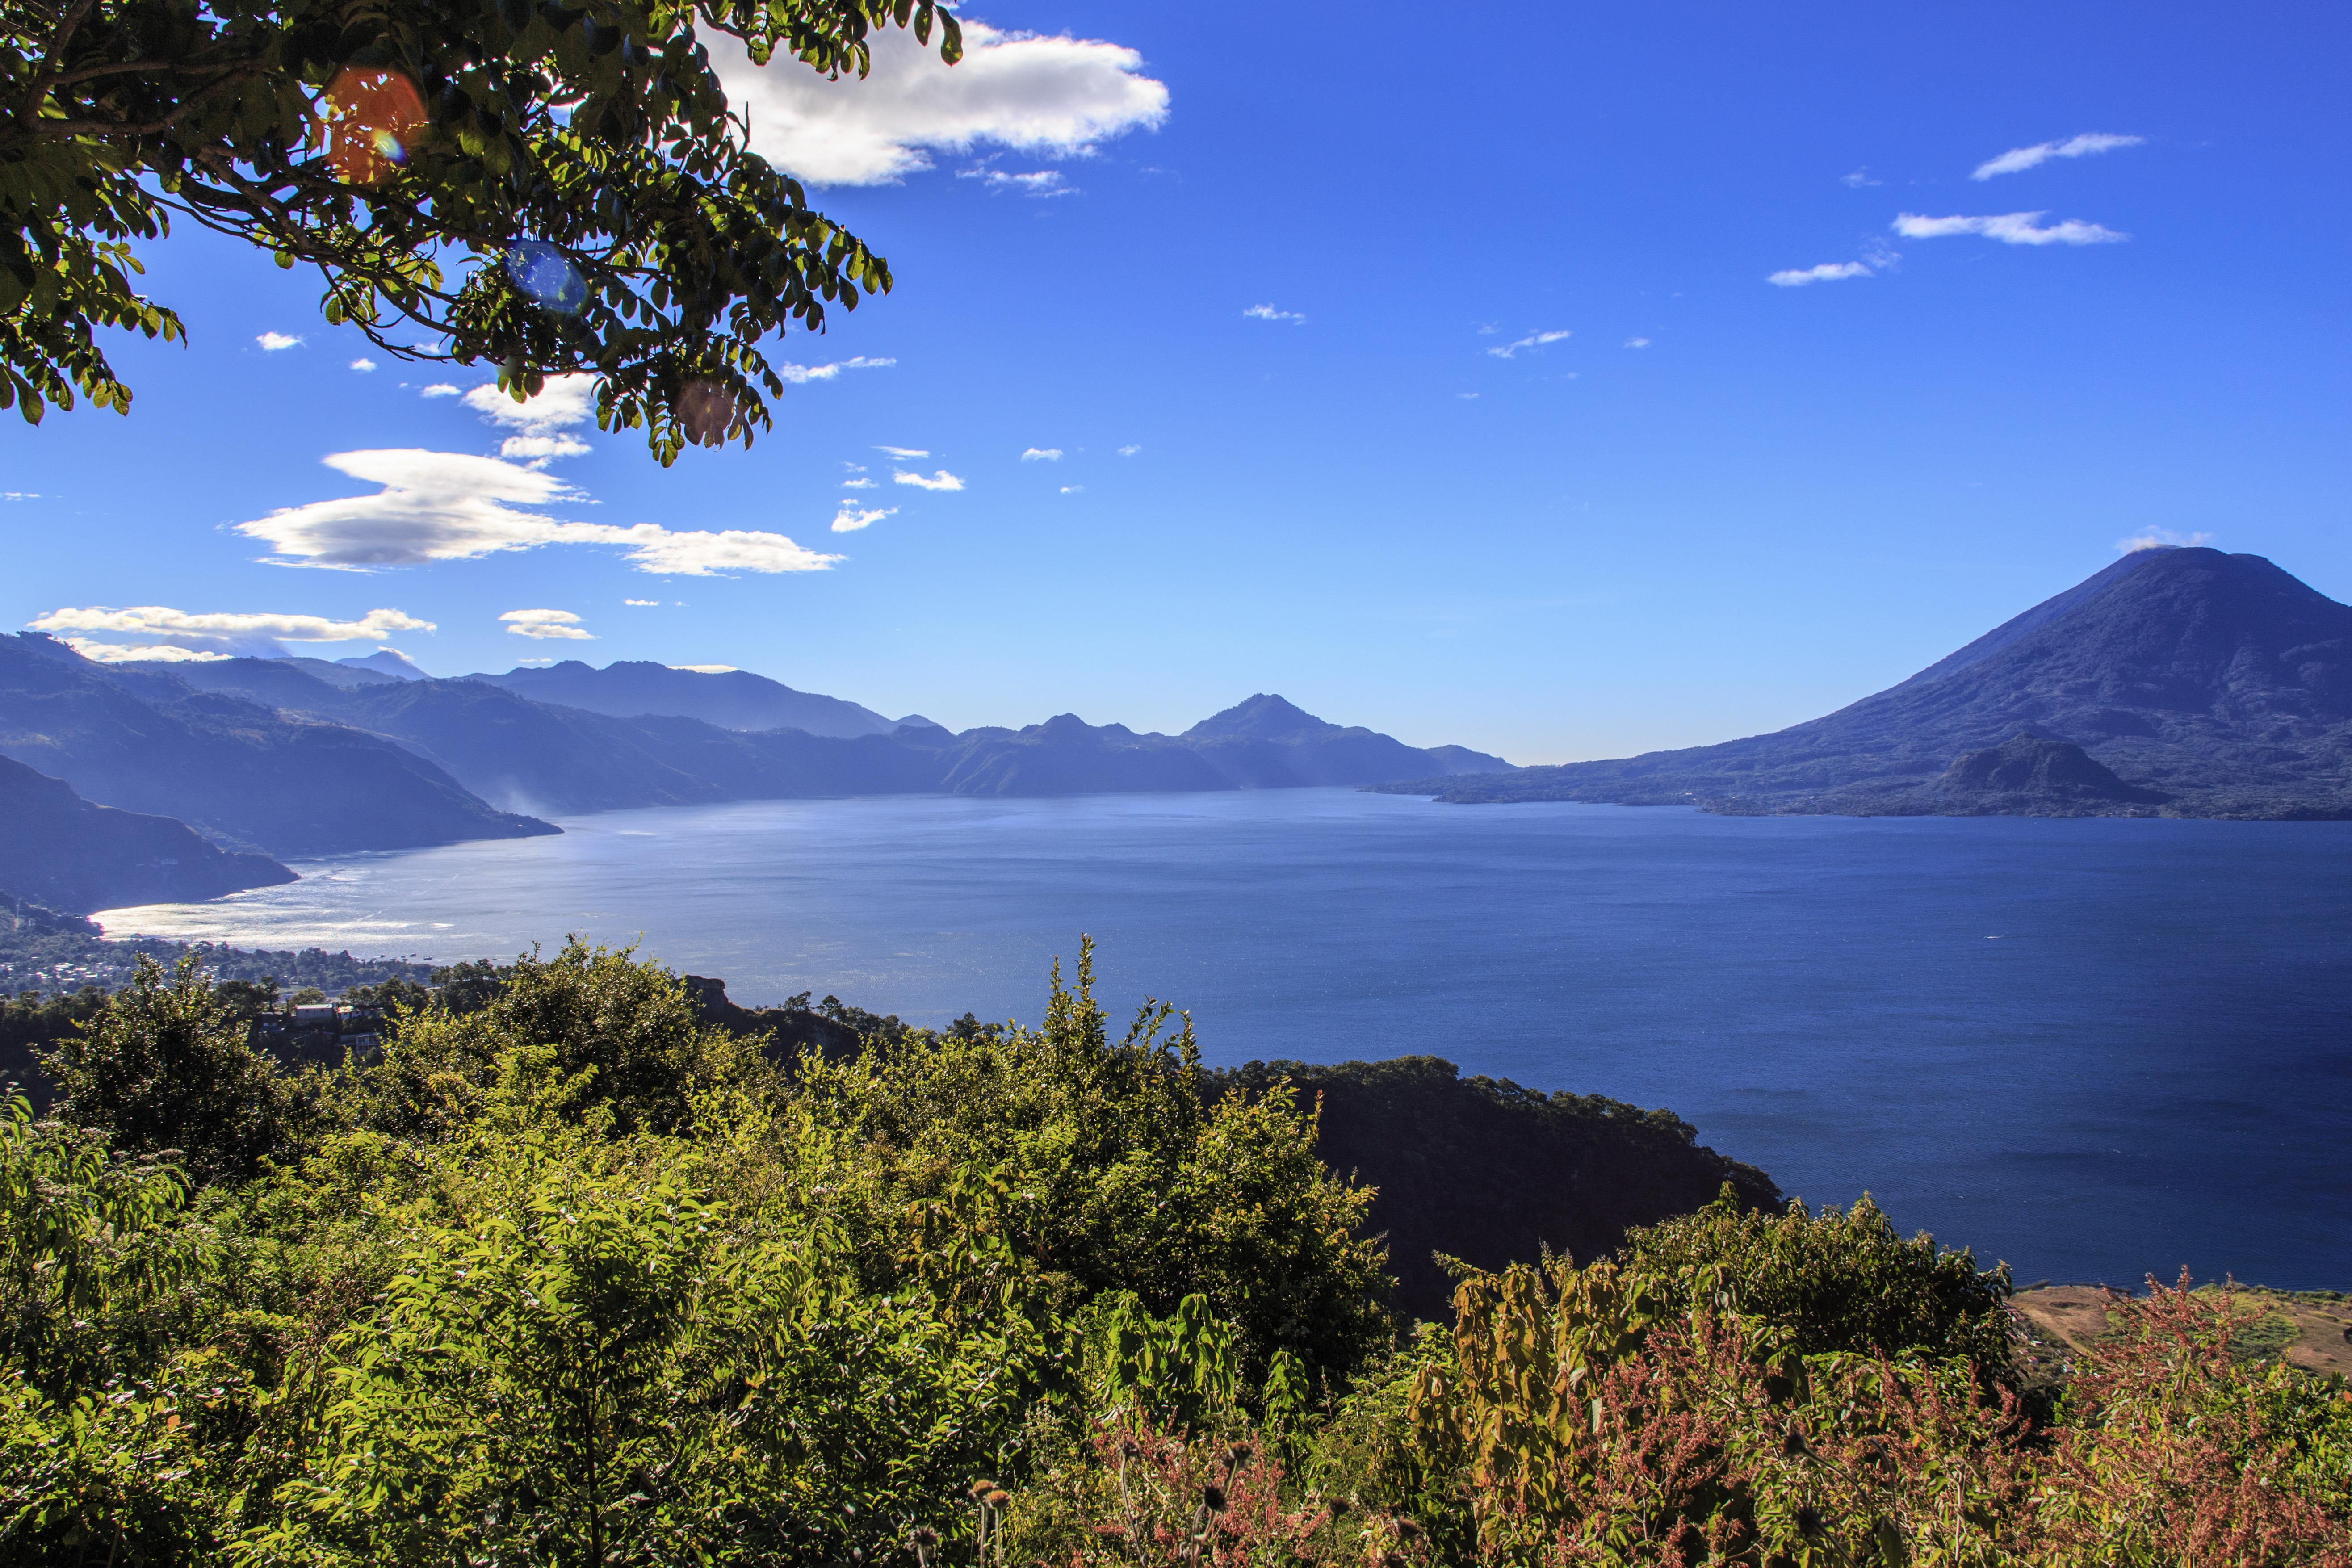 El lago Atitlán y su origen - Guatemala Gran Viaje Siguiendo el Quetzal